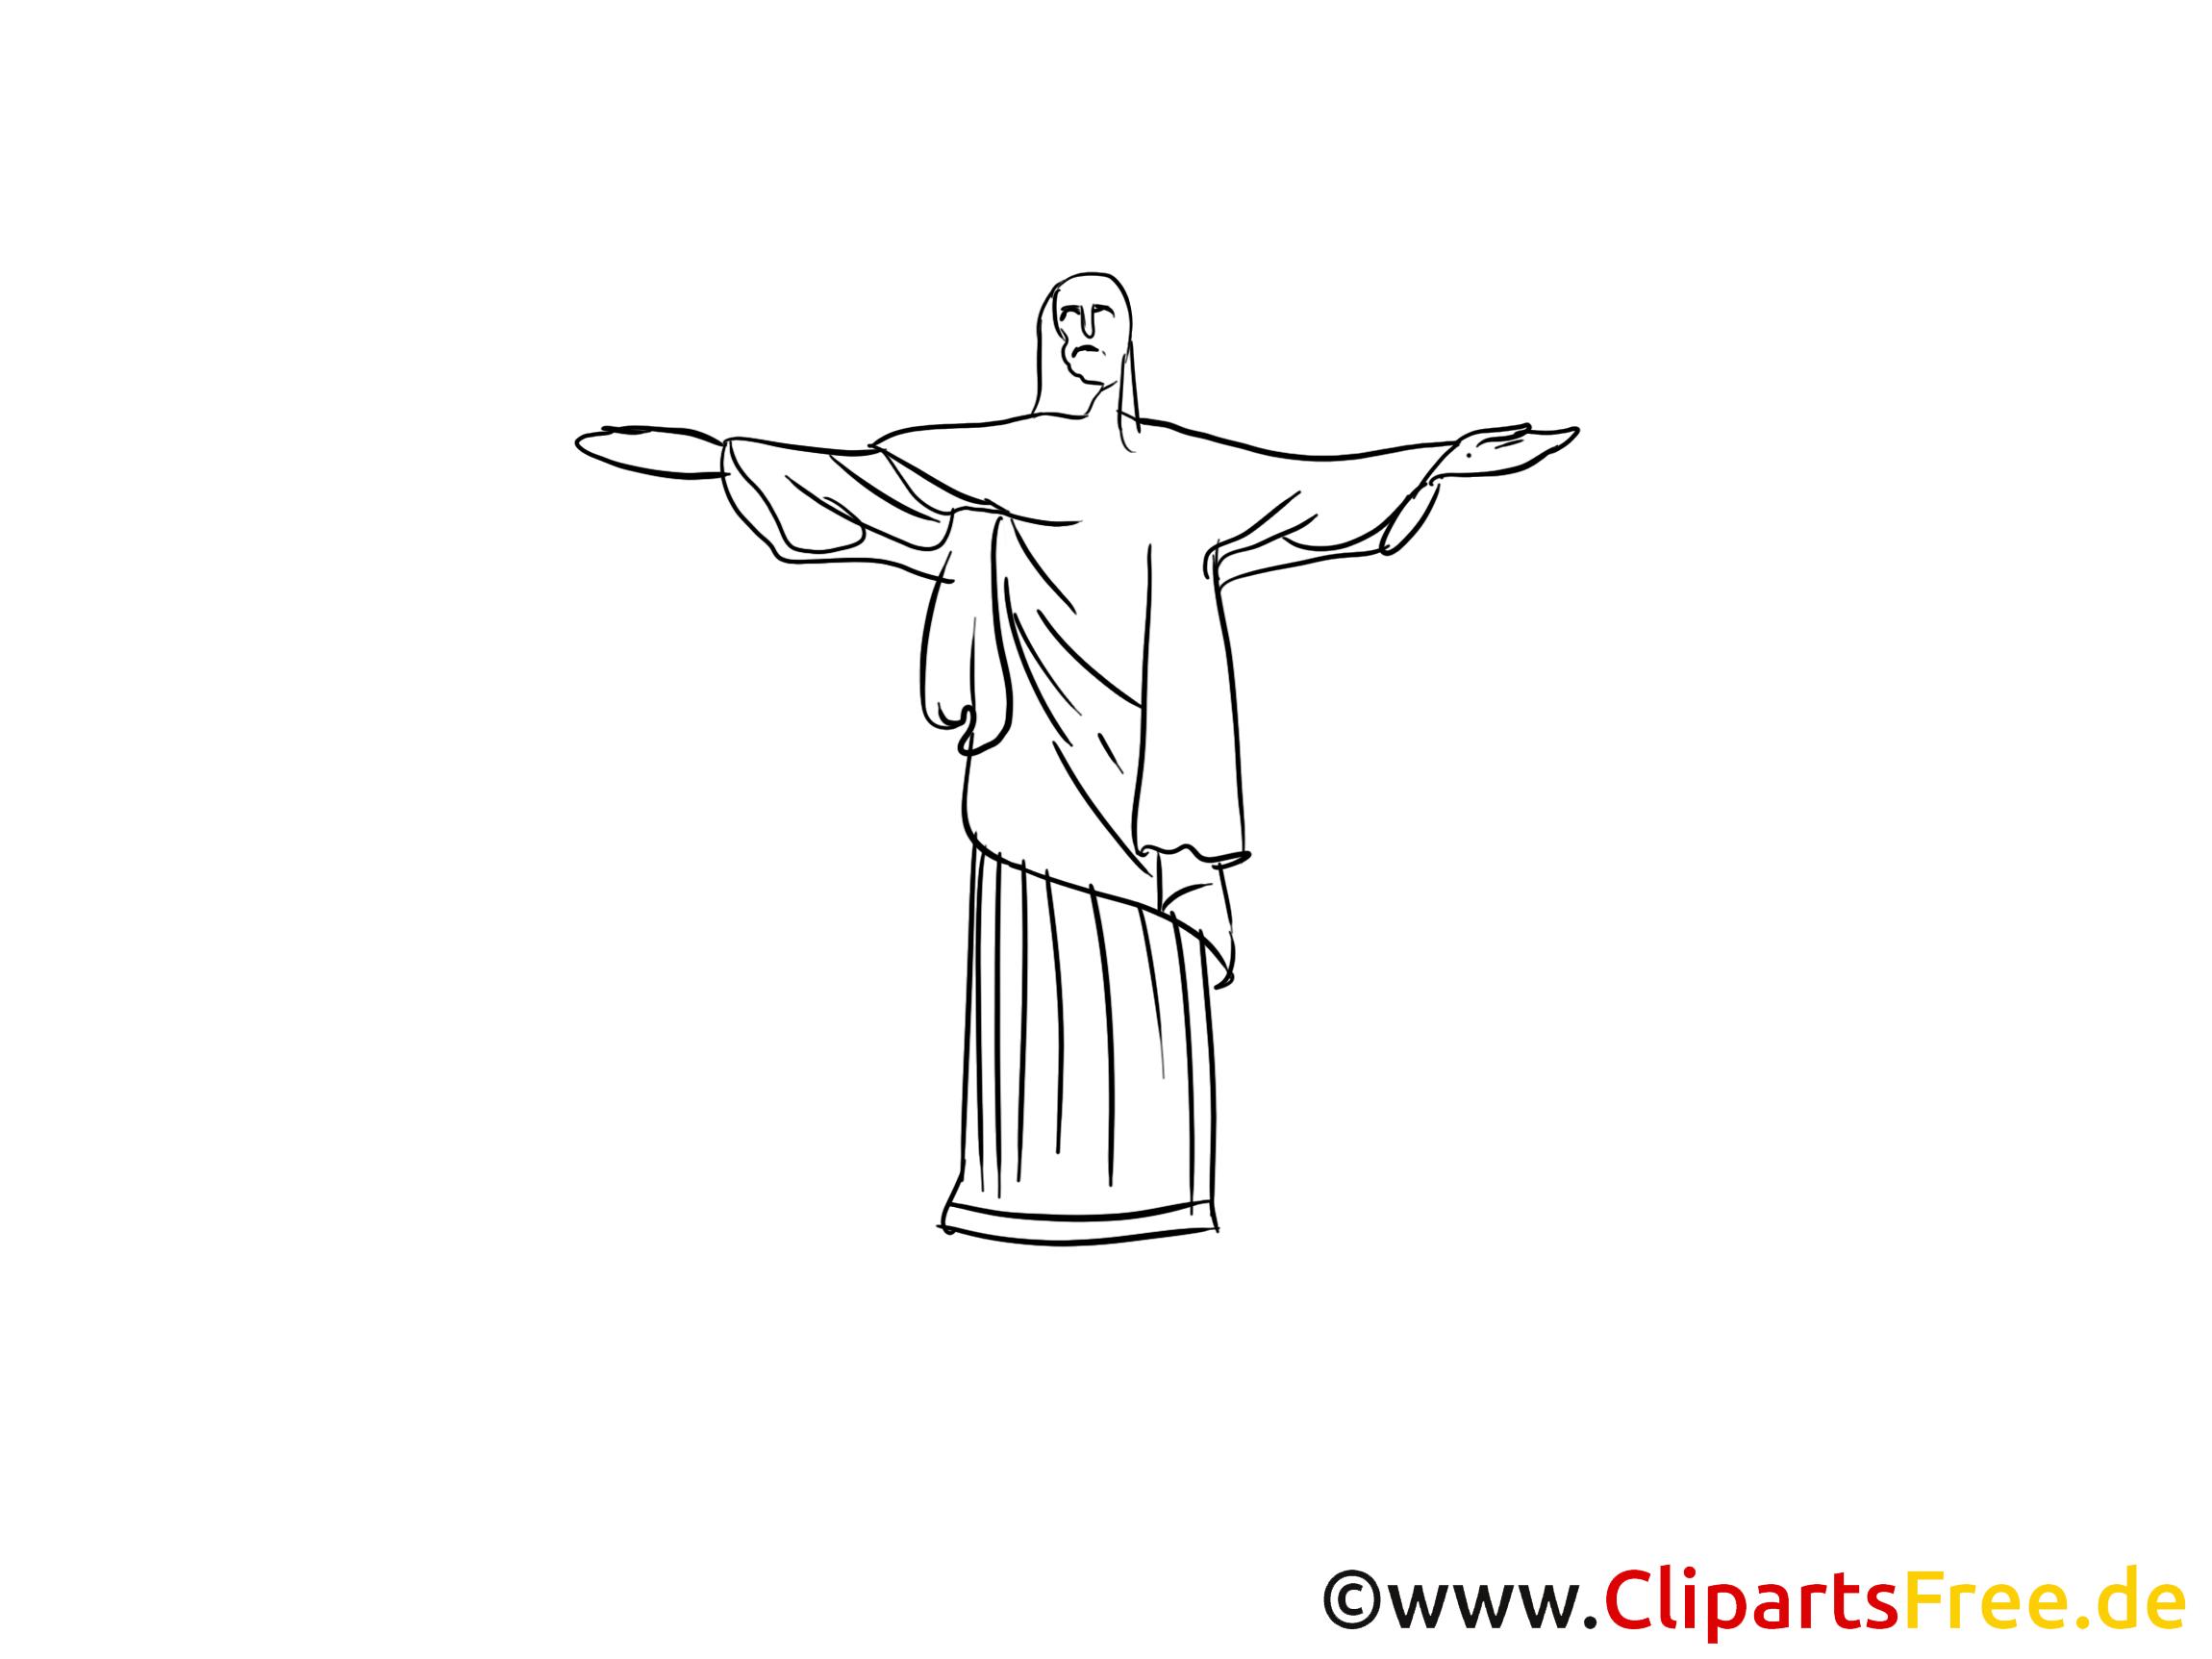 Dessin Christ Redempteur christ rédempteur à colorier - rio de janeiro clip art - voyage